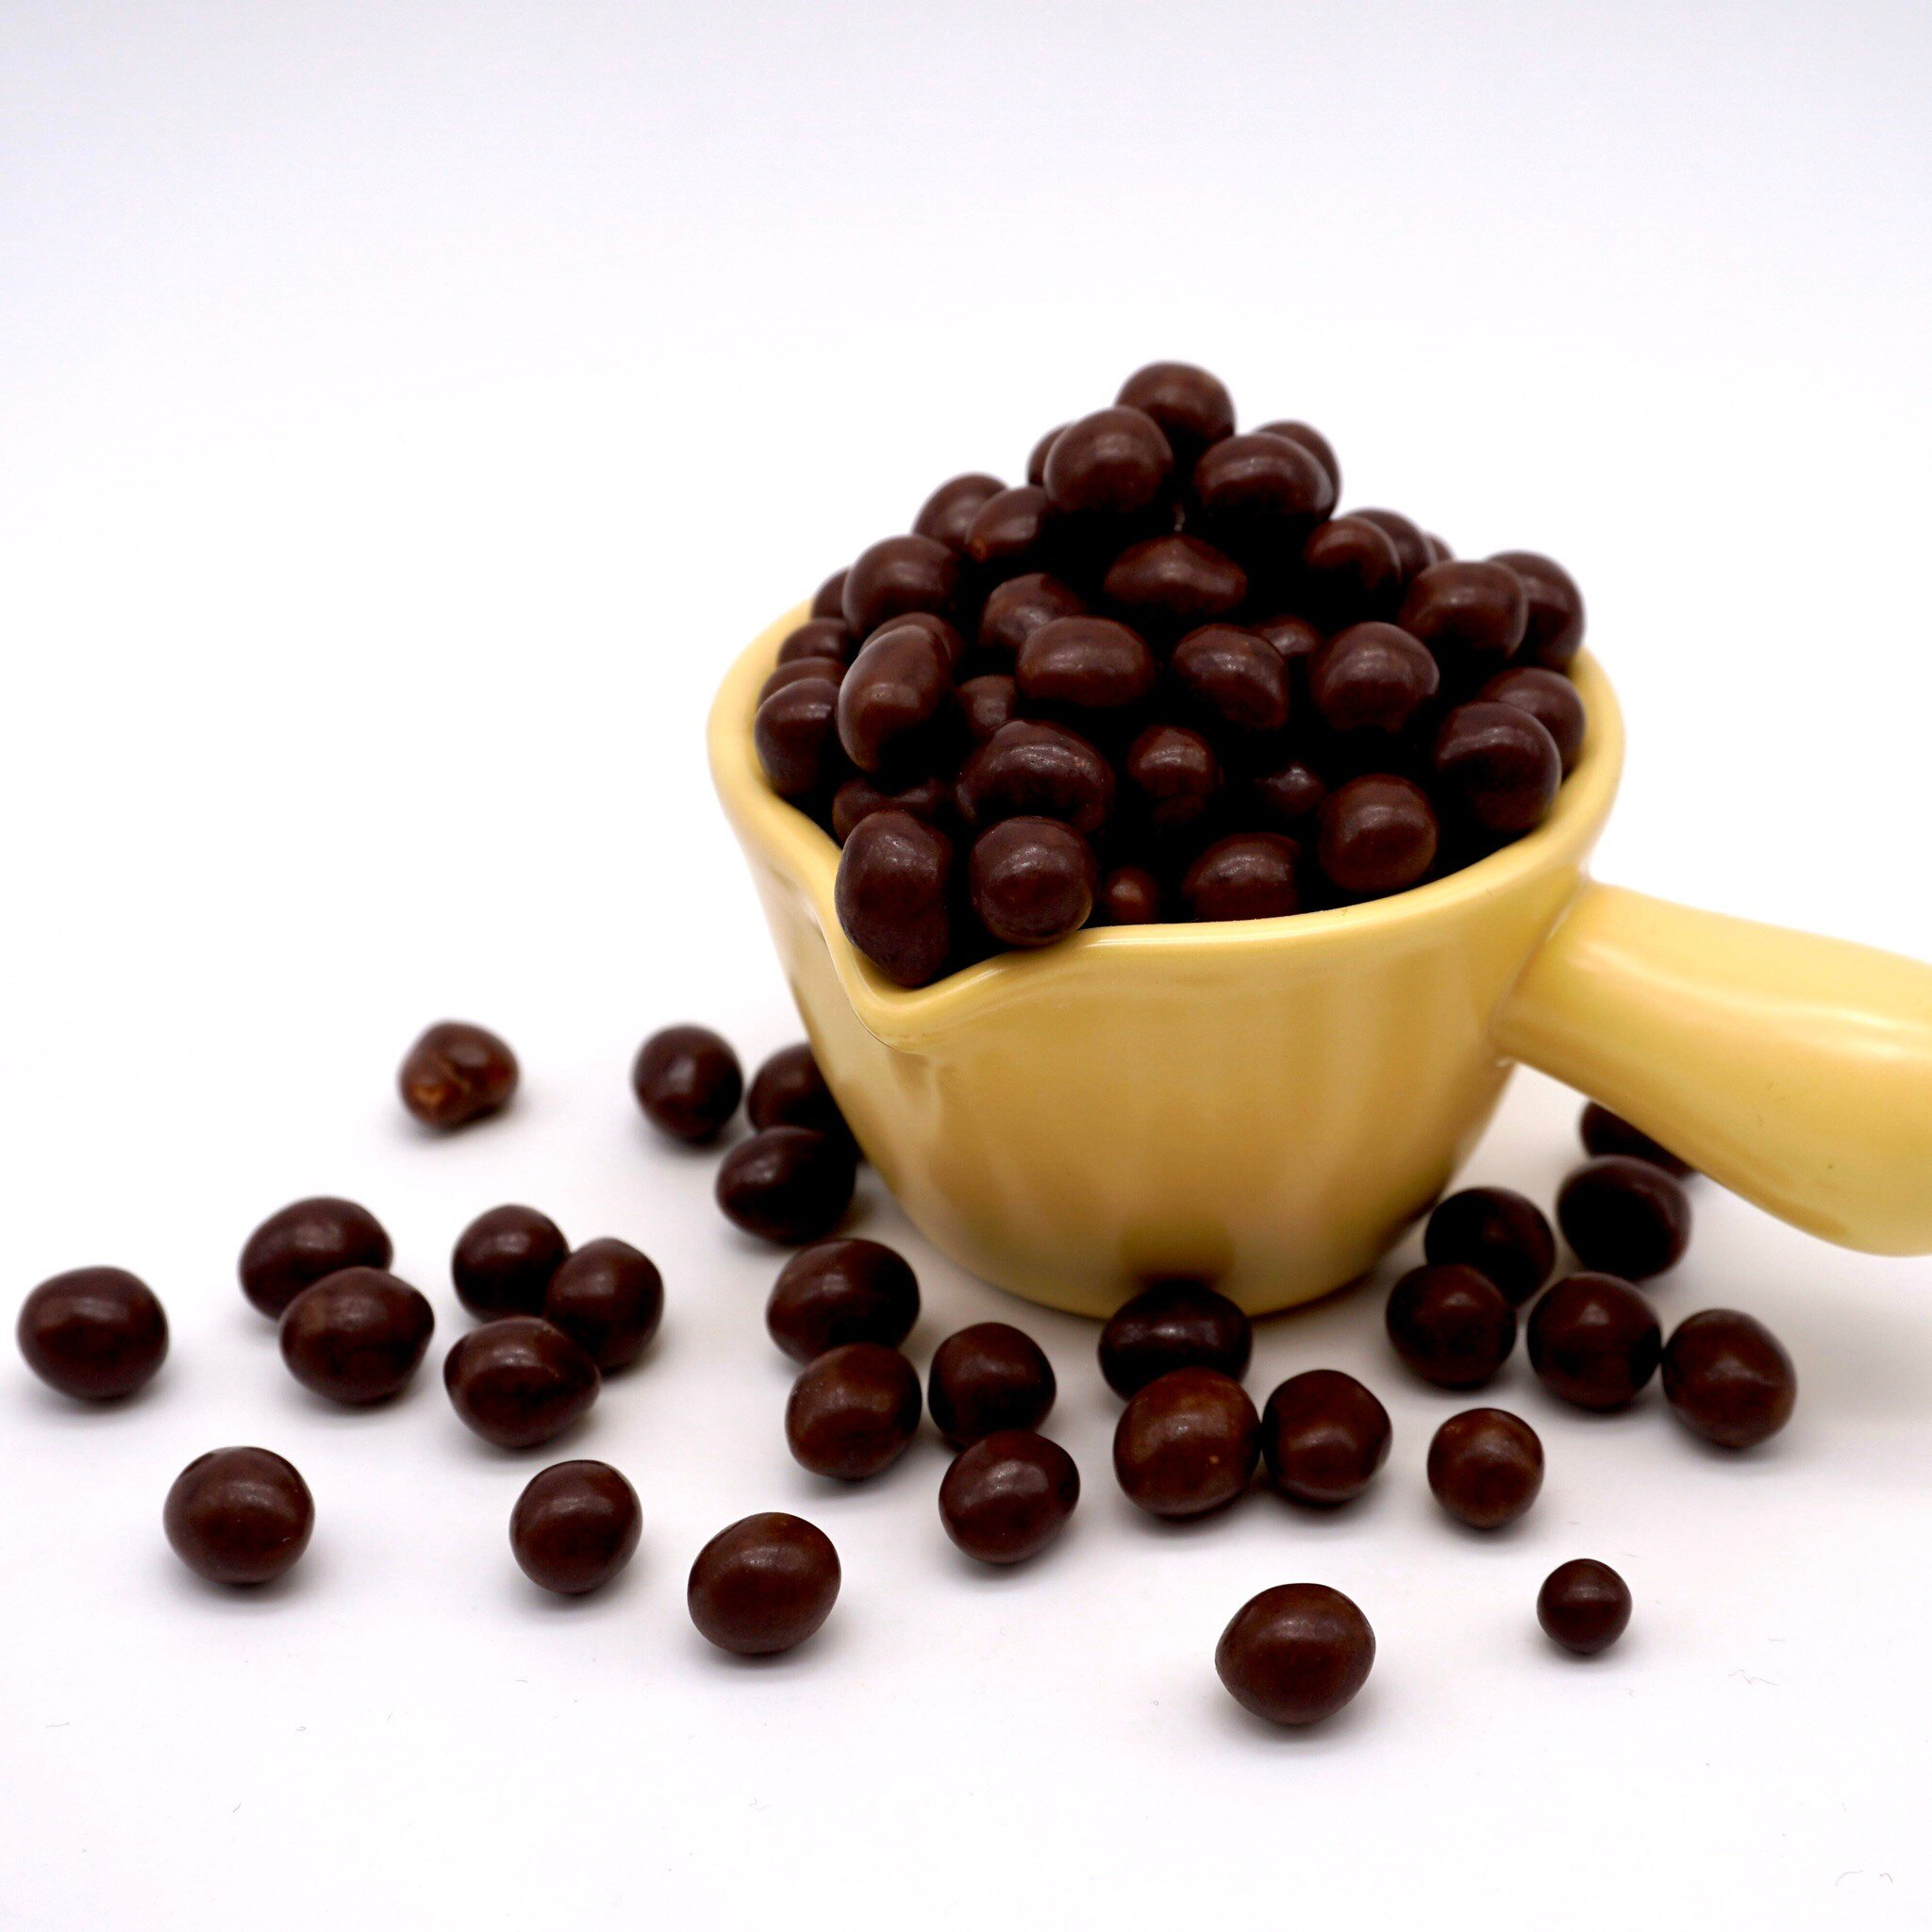 嘴甜甜 金米果巧克力 300公克 巧克力系列 紅蜻蜓巧克力 金米果 巧克力 餅乾 糖果 古早味零食 休閒食品 巧克力球 素食 現貨